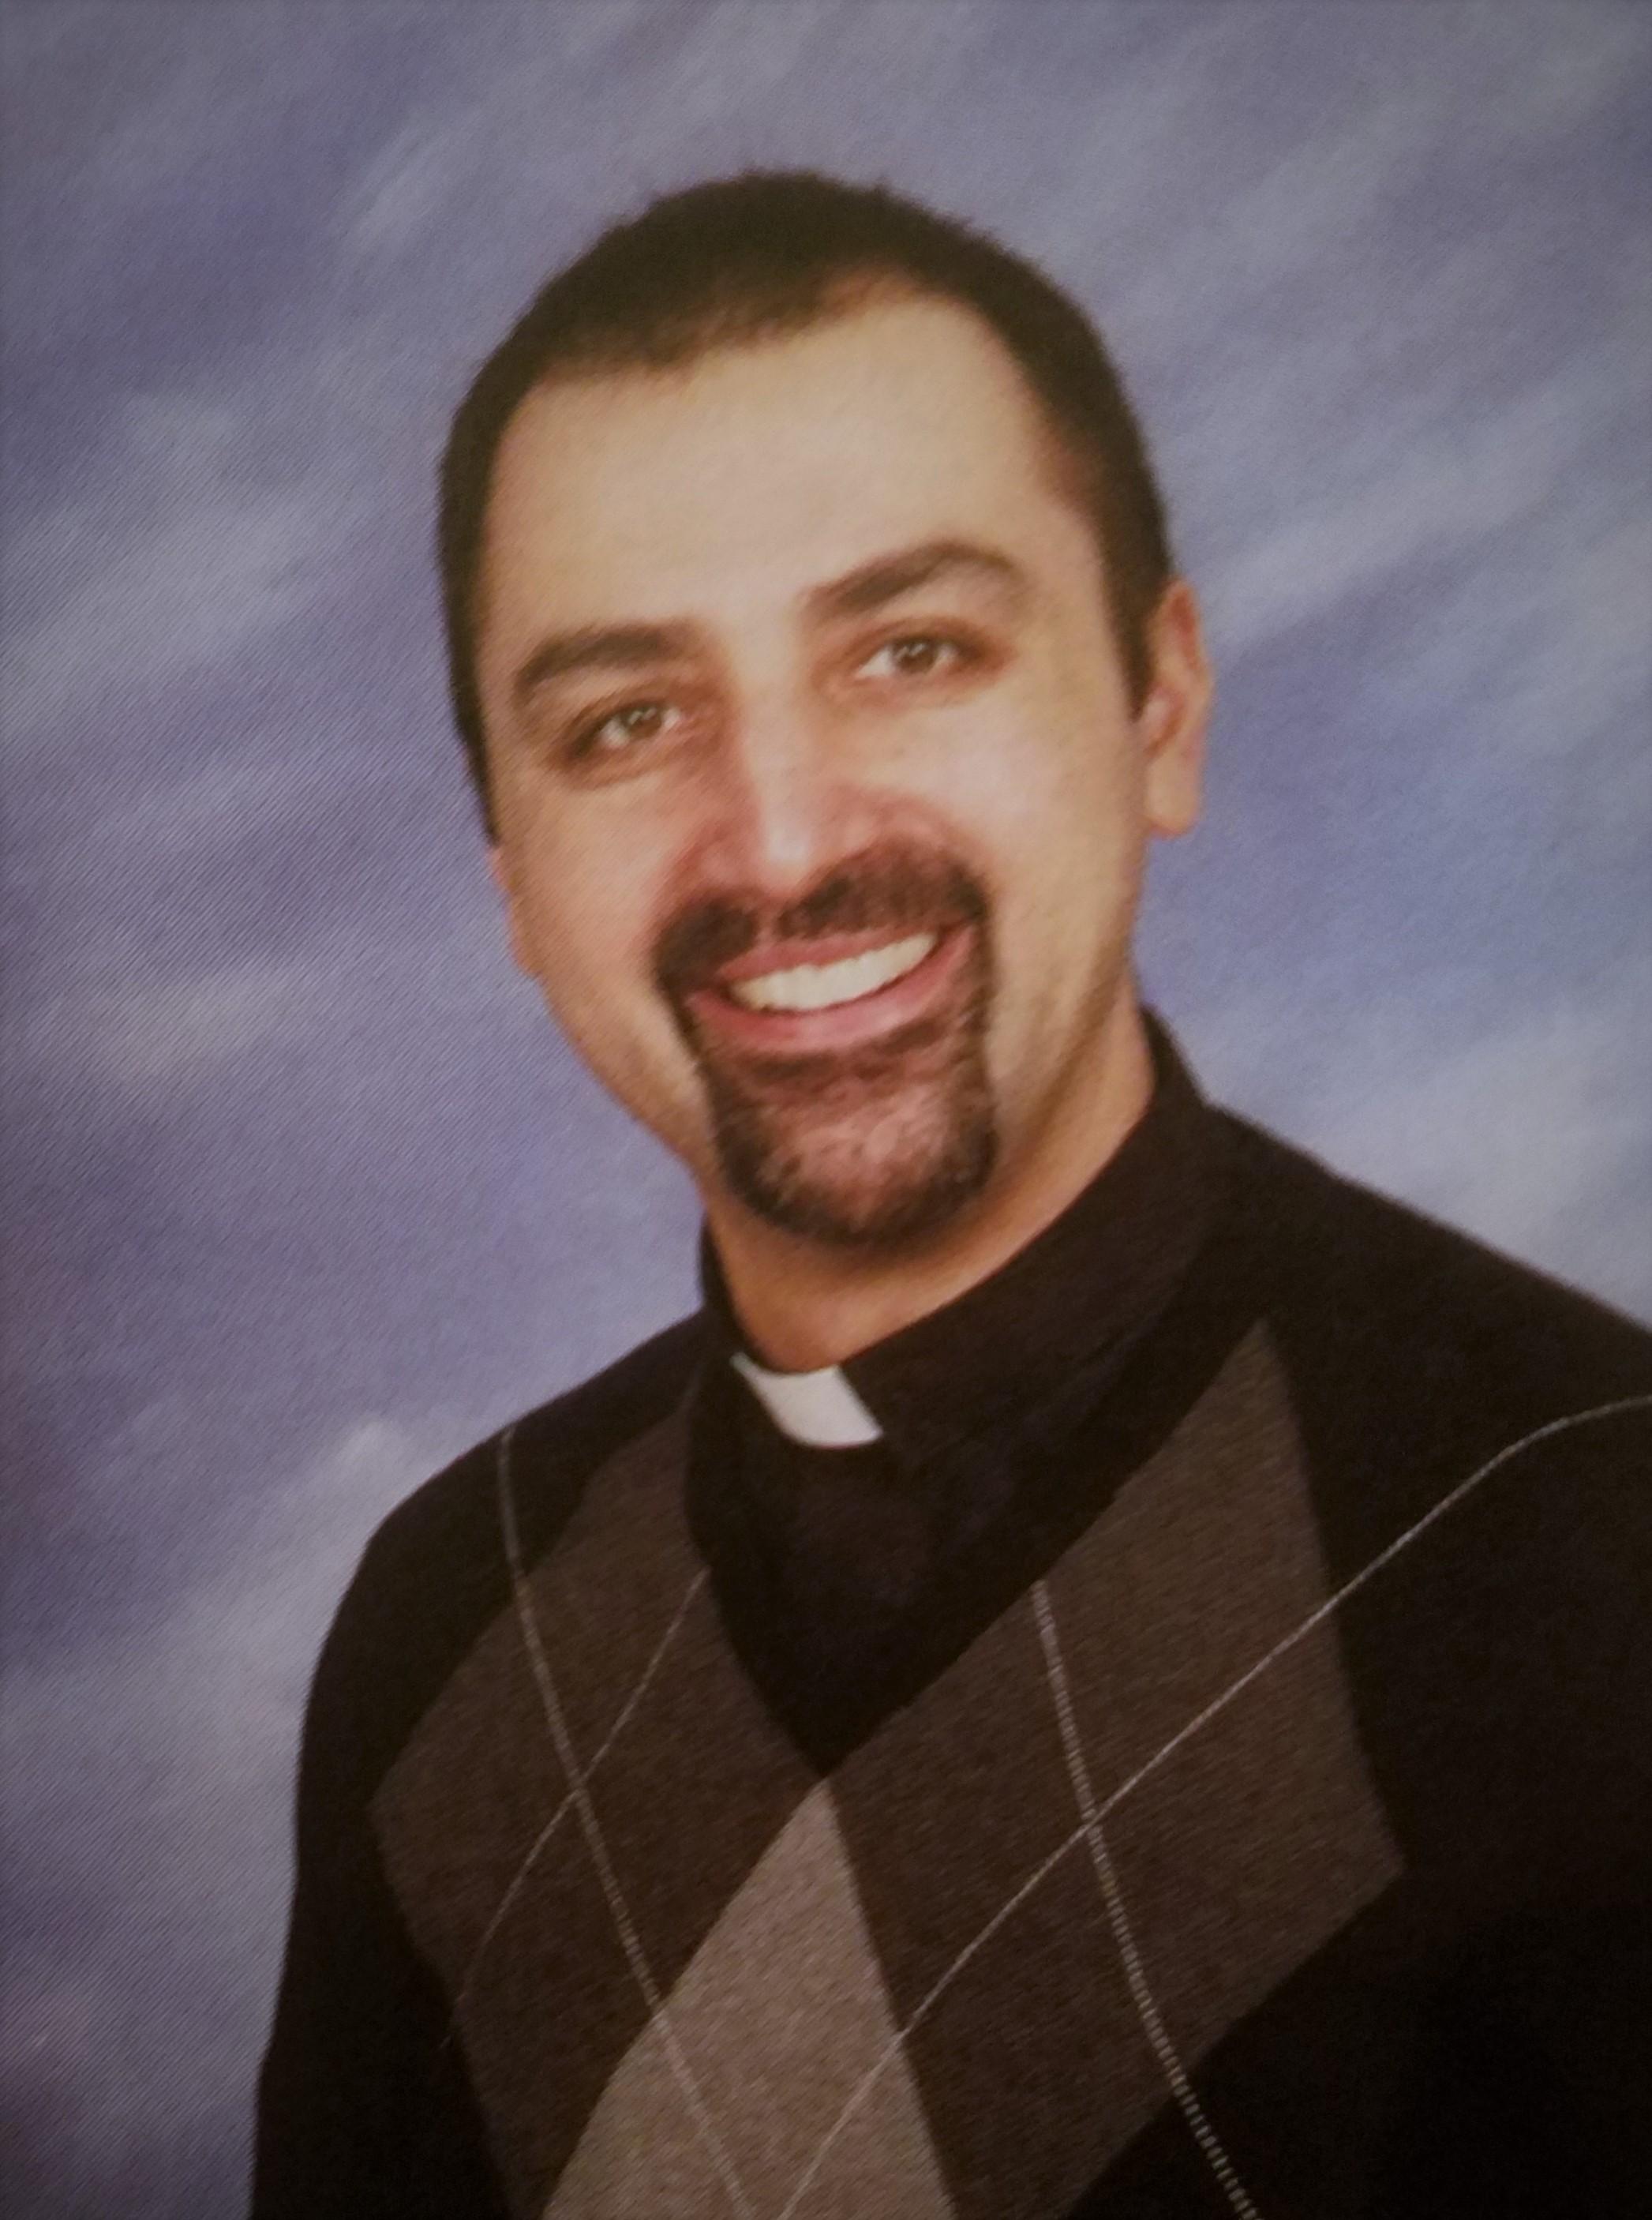 Father Bryan Dolejsi